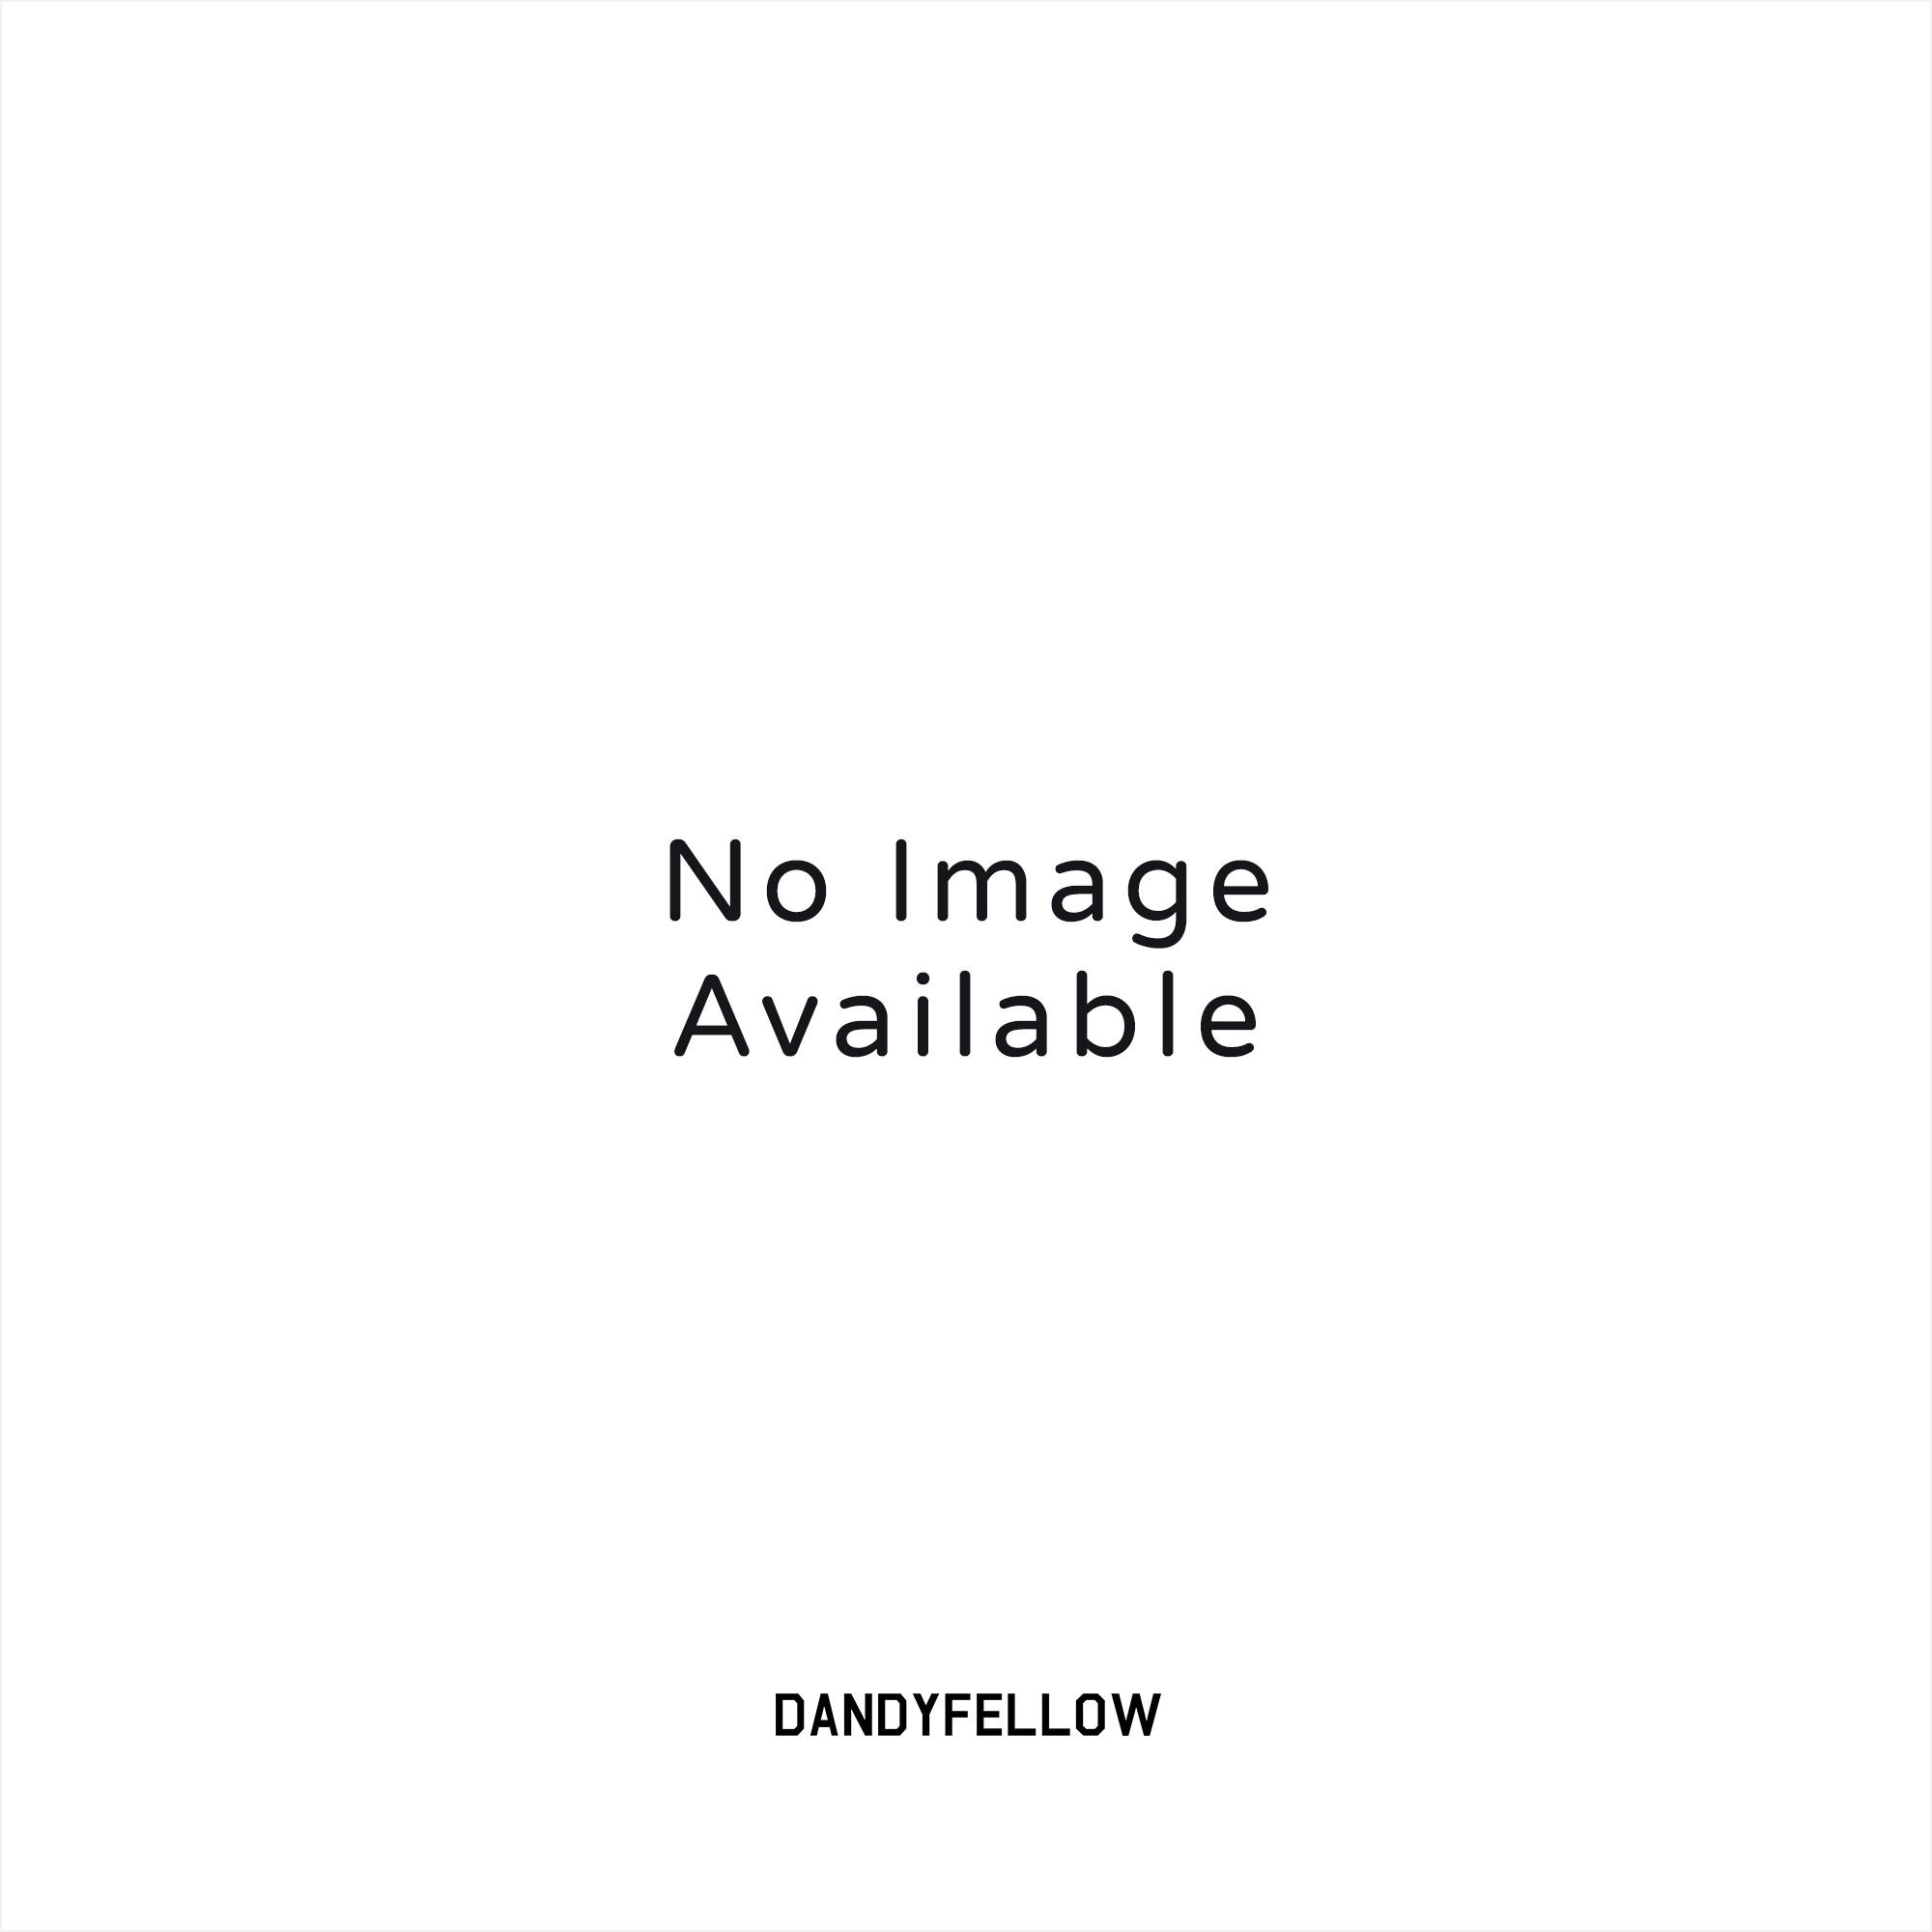 b506270bf8275 adidas NMD TS1 Primeknit GTX (Black